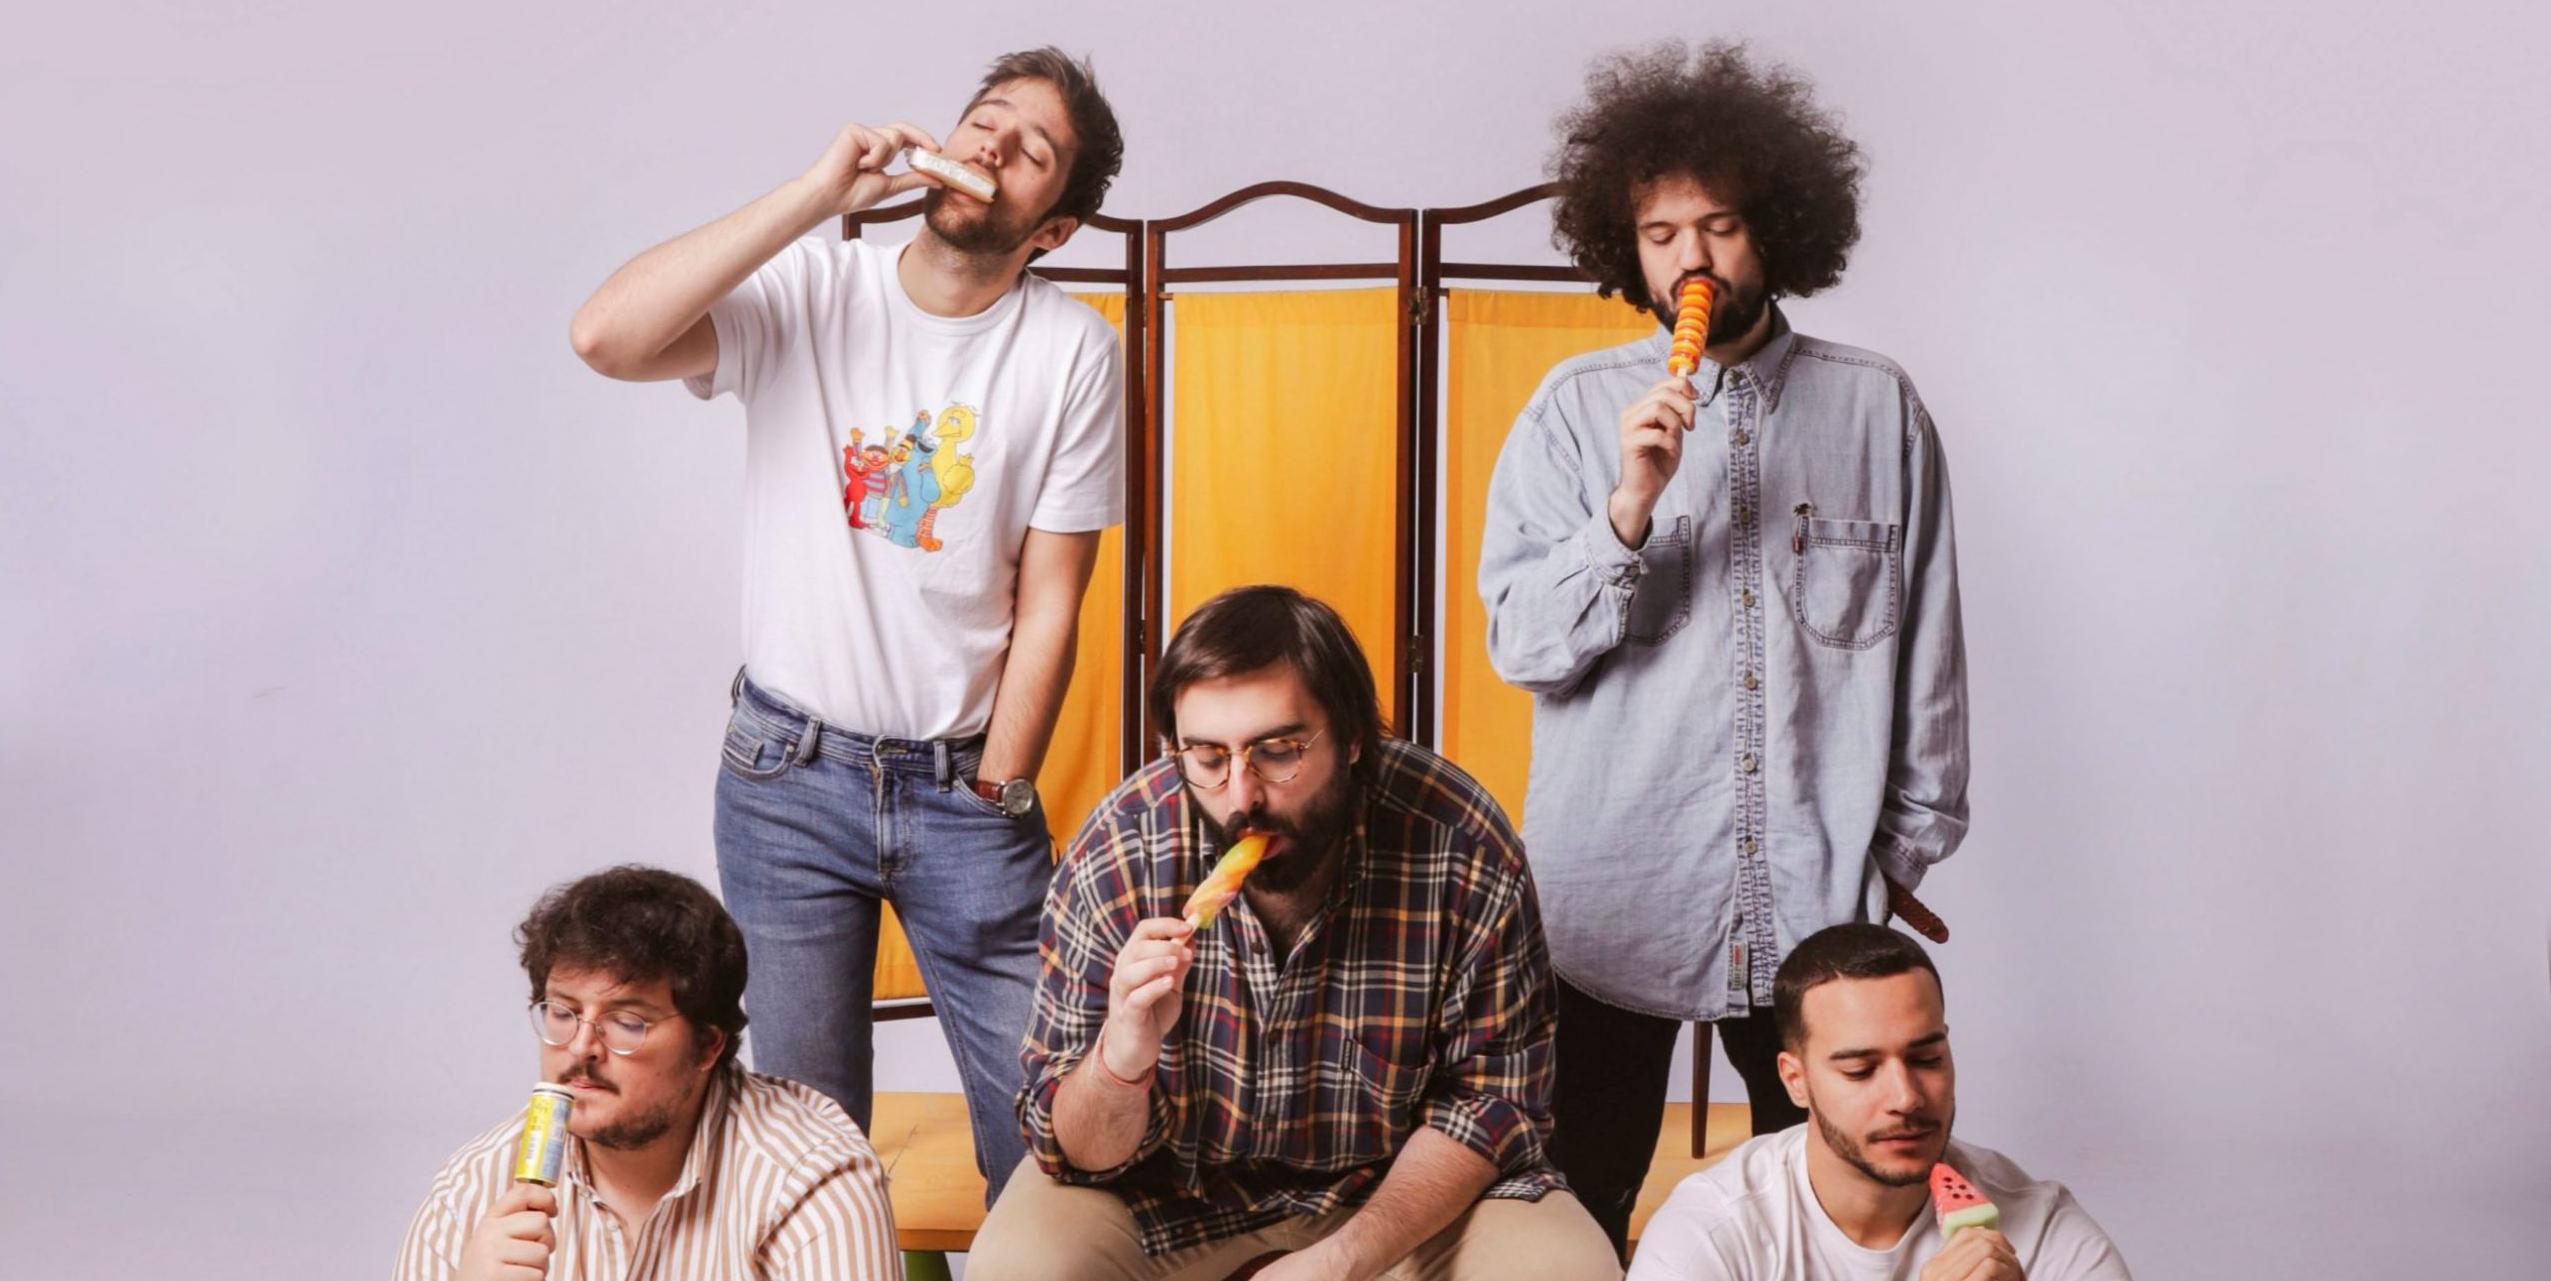 La Juventud presenta su último disco este sábado en la Siroco